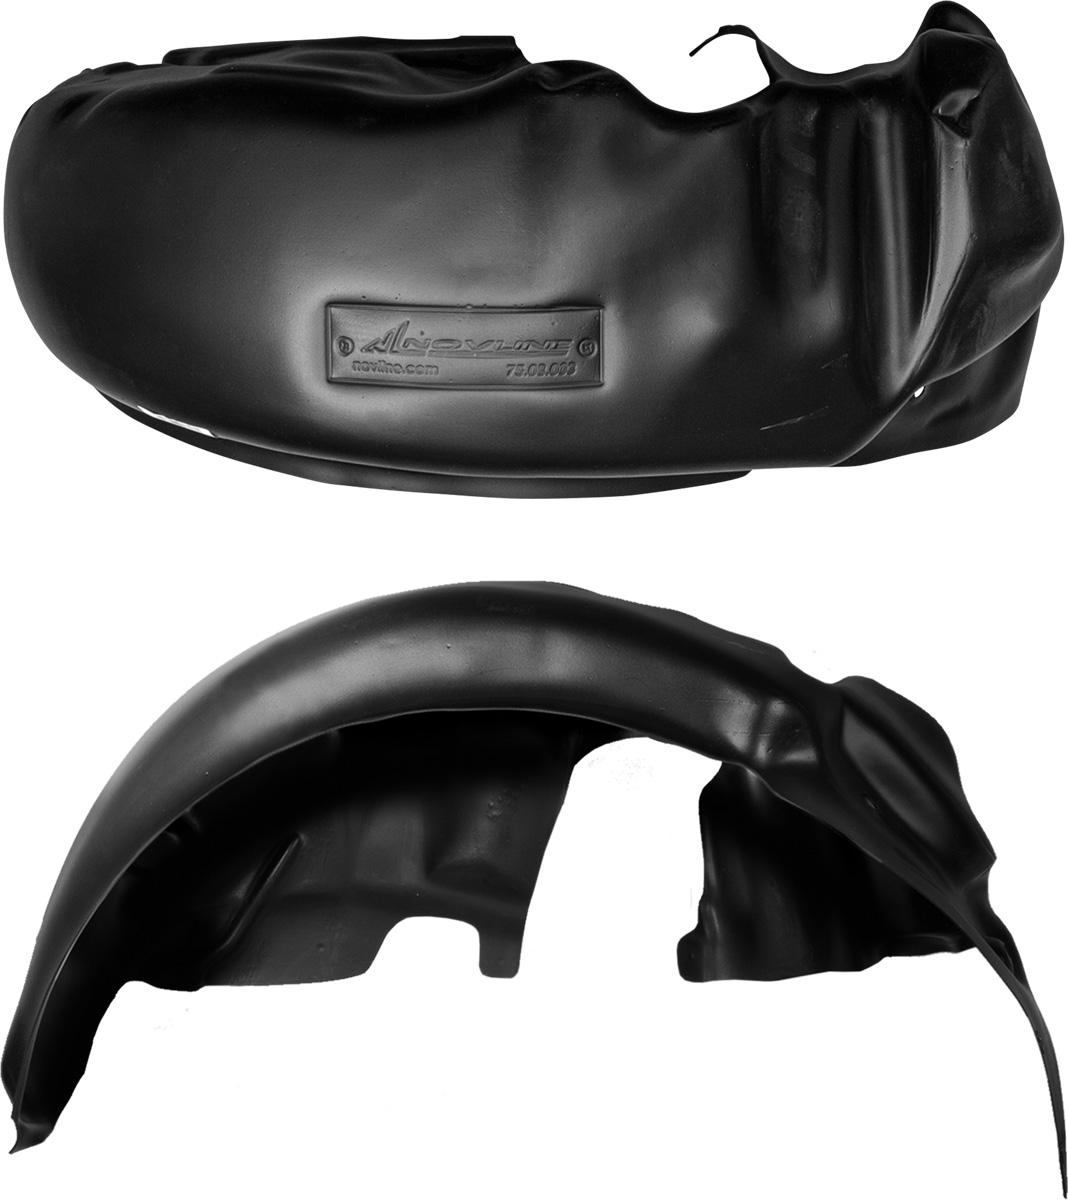 Подкрылок Novline-Autofamily, для Nissan X-Trail, T32, 2015->, задний левый1004900000360Колесные ниши - одни из самых уязвимых зон днища вашего автомобиля. Они постоянно подвергаются воздействию со стороны дороги. Лучшая, почти абсолютная защита для них - специально отформованные пластиковые кожухи, которые называются подкрылками. Производятся они как для отечественных моделей автомобилей, так и для иномарок. Подкрылки Novline-Autofamily выполнены из высококачественного, экологически чистого пластика. Обеспечивают надежную защиту кузова автомобиля от пескоструйного эффекта и негативного влияния, агрессивных антигололедных реагентов. Пластик обладает более низкой теплопроводностью, чем металл, поэтому в зимний период эксплуатации использование пластиковых подкрылков позволяет лучше защитить колесные ниши от налипания снега и образования наледи. Оригинальность конструкции подчеркивает элегантность автомобиля, бережно защищает нанесенное на днище кузова антикоррозийное покрытие и позволяет осуществить крепление подкрылков внутри колесной арки практически без дополнительного крепежа и сверления, не нарушая при этом лакокрасочного покрытия, что предотвращает возникновение новых очагов коррозии. Подкрылки долговечны, обладают высокой прочностью и сохраняют заданную форму, а также все свои физико-механические характеристики в самых тяжелых климатических условиях (от -50°С до +50°С).Уважаемые клиенты!Обращаем ваше внимание, на тот факт, что подкрылок имеет форму, соответствующую модели данного автомобиля. Фото служит для визуального восприятия товара.